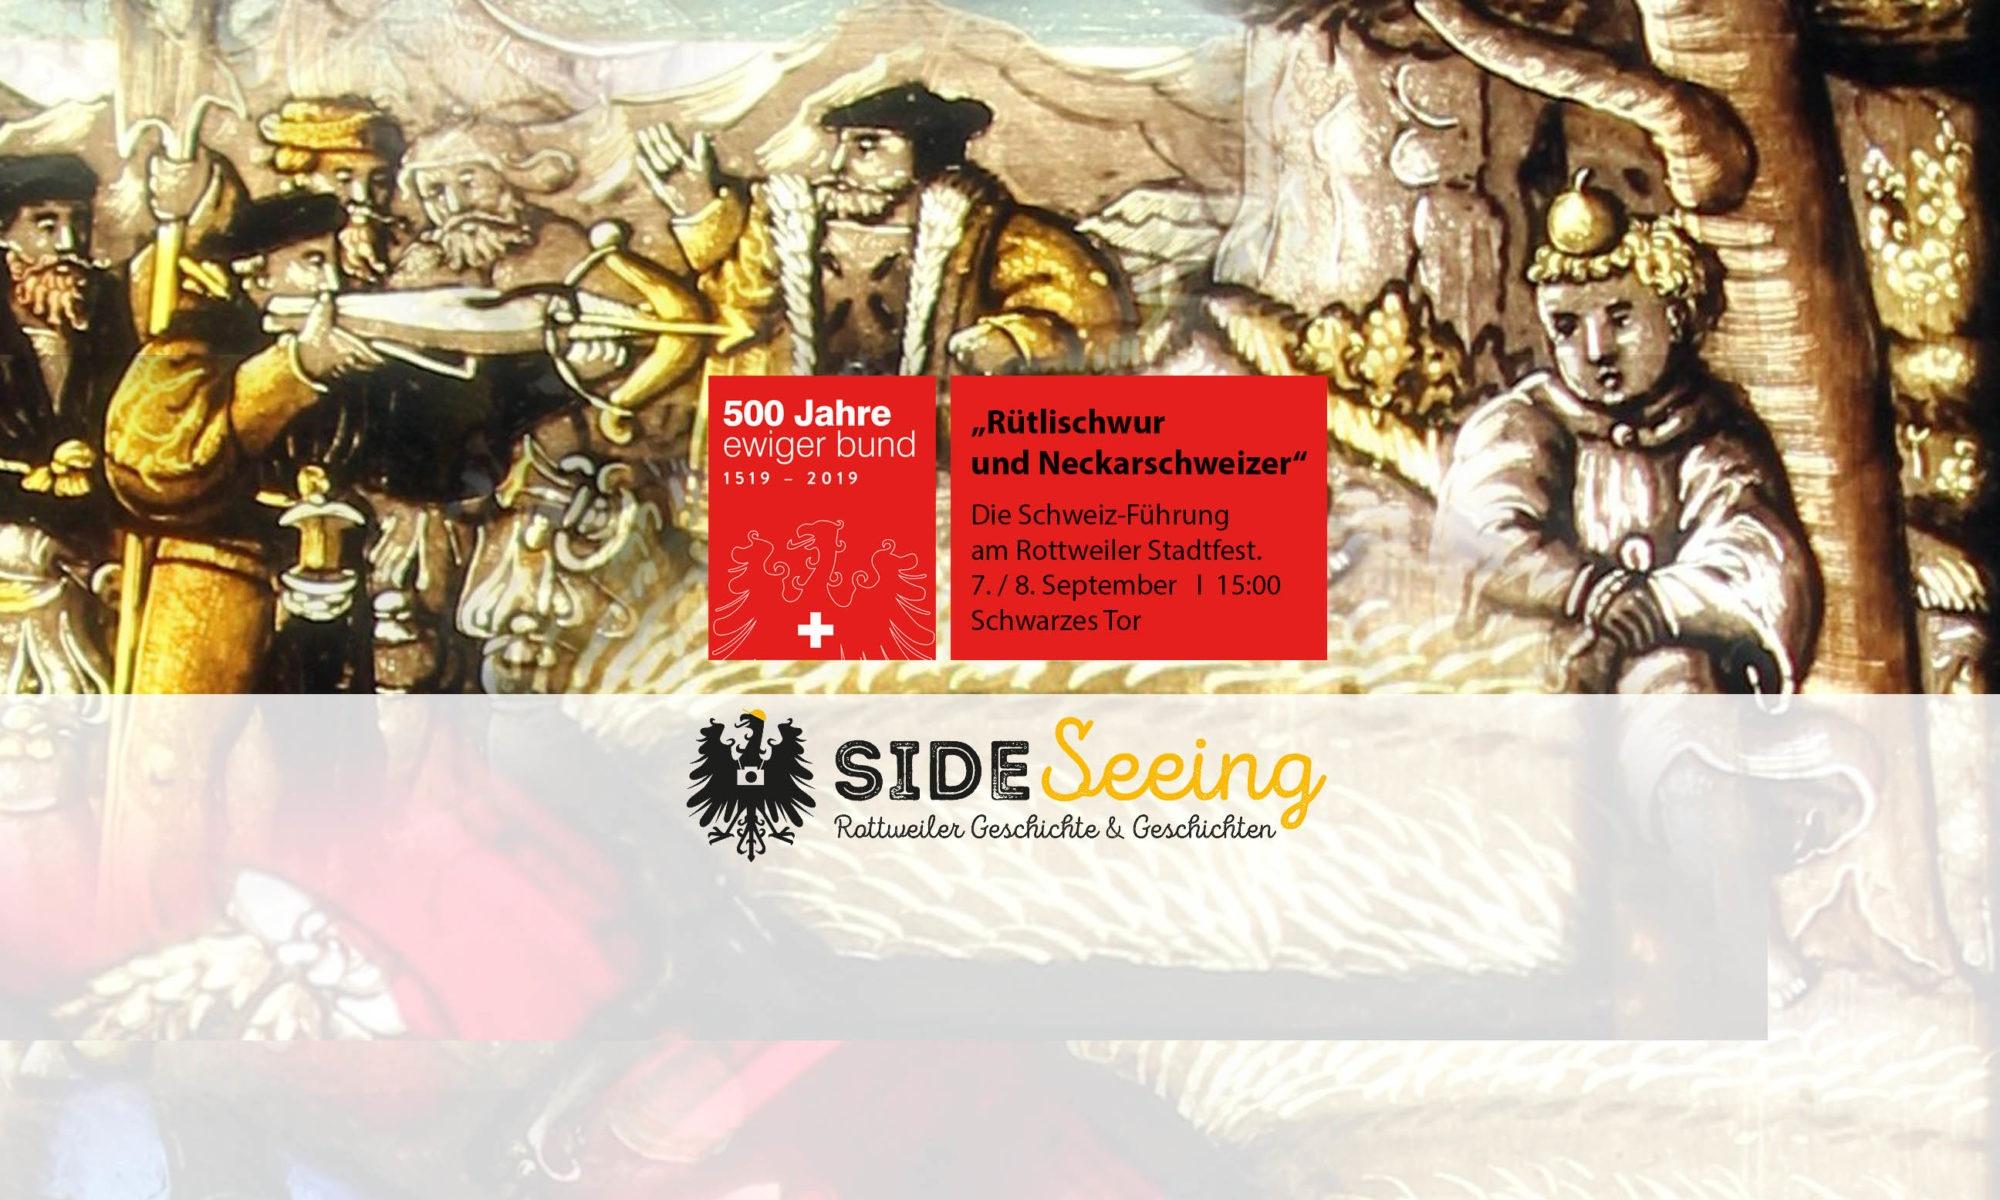 http://www.zauberbuehne.de/inhalte/zauberbuehne.de_Johanna_erhaelt_Anweisungen_von_ihrem_Vater03.jpg